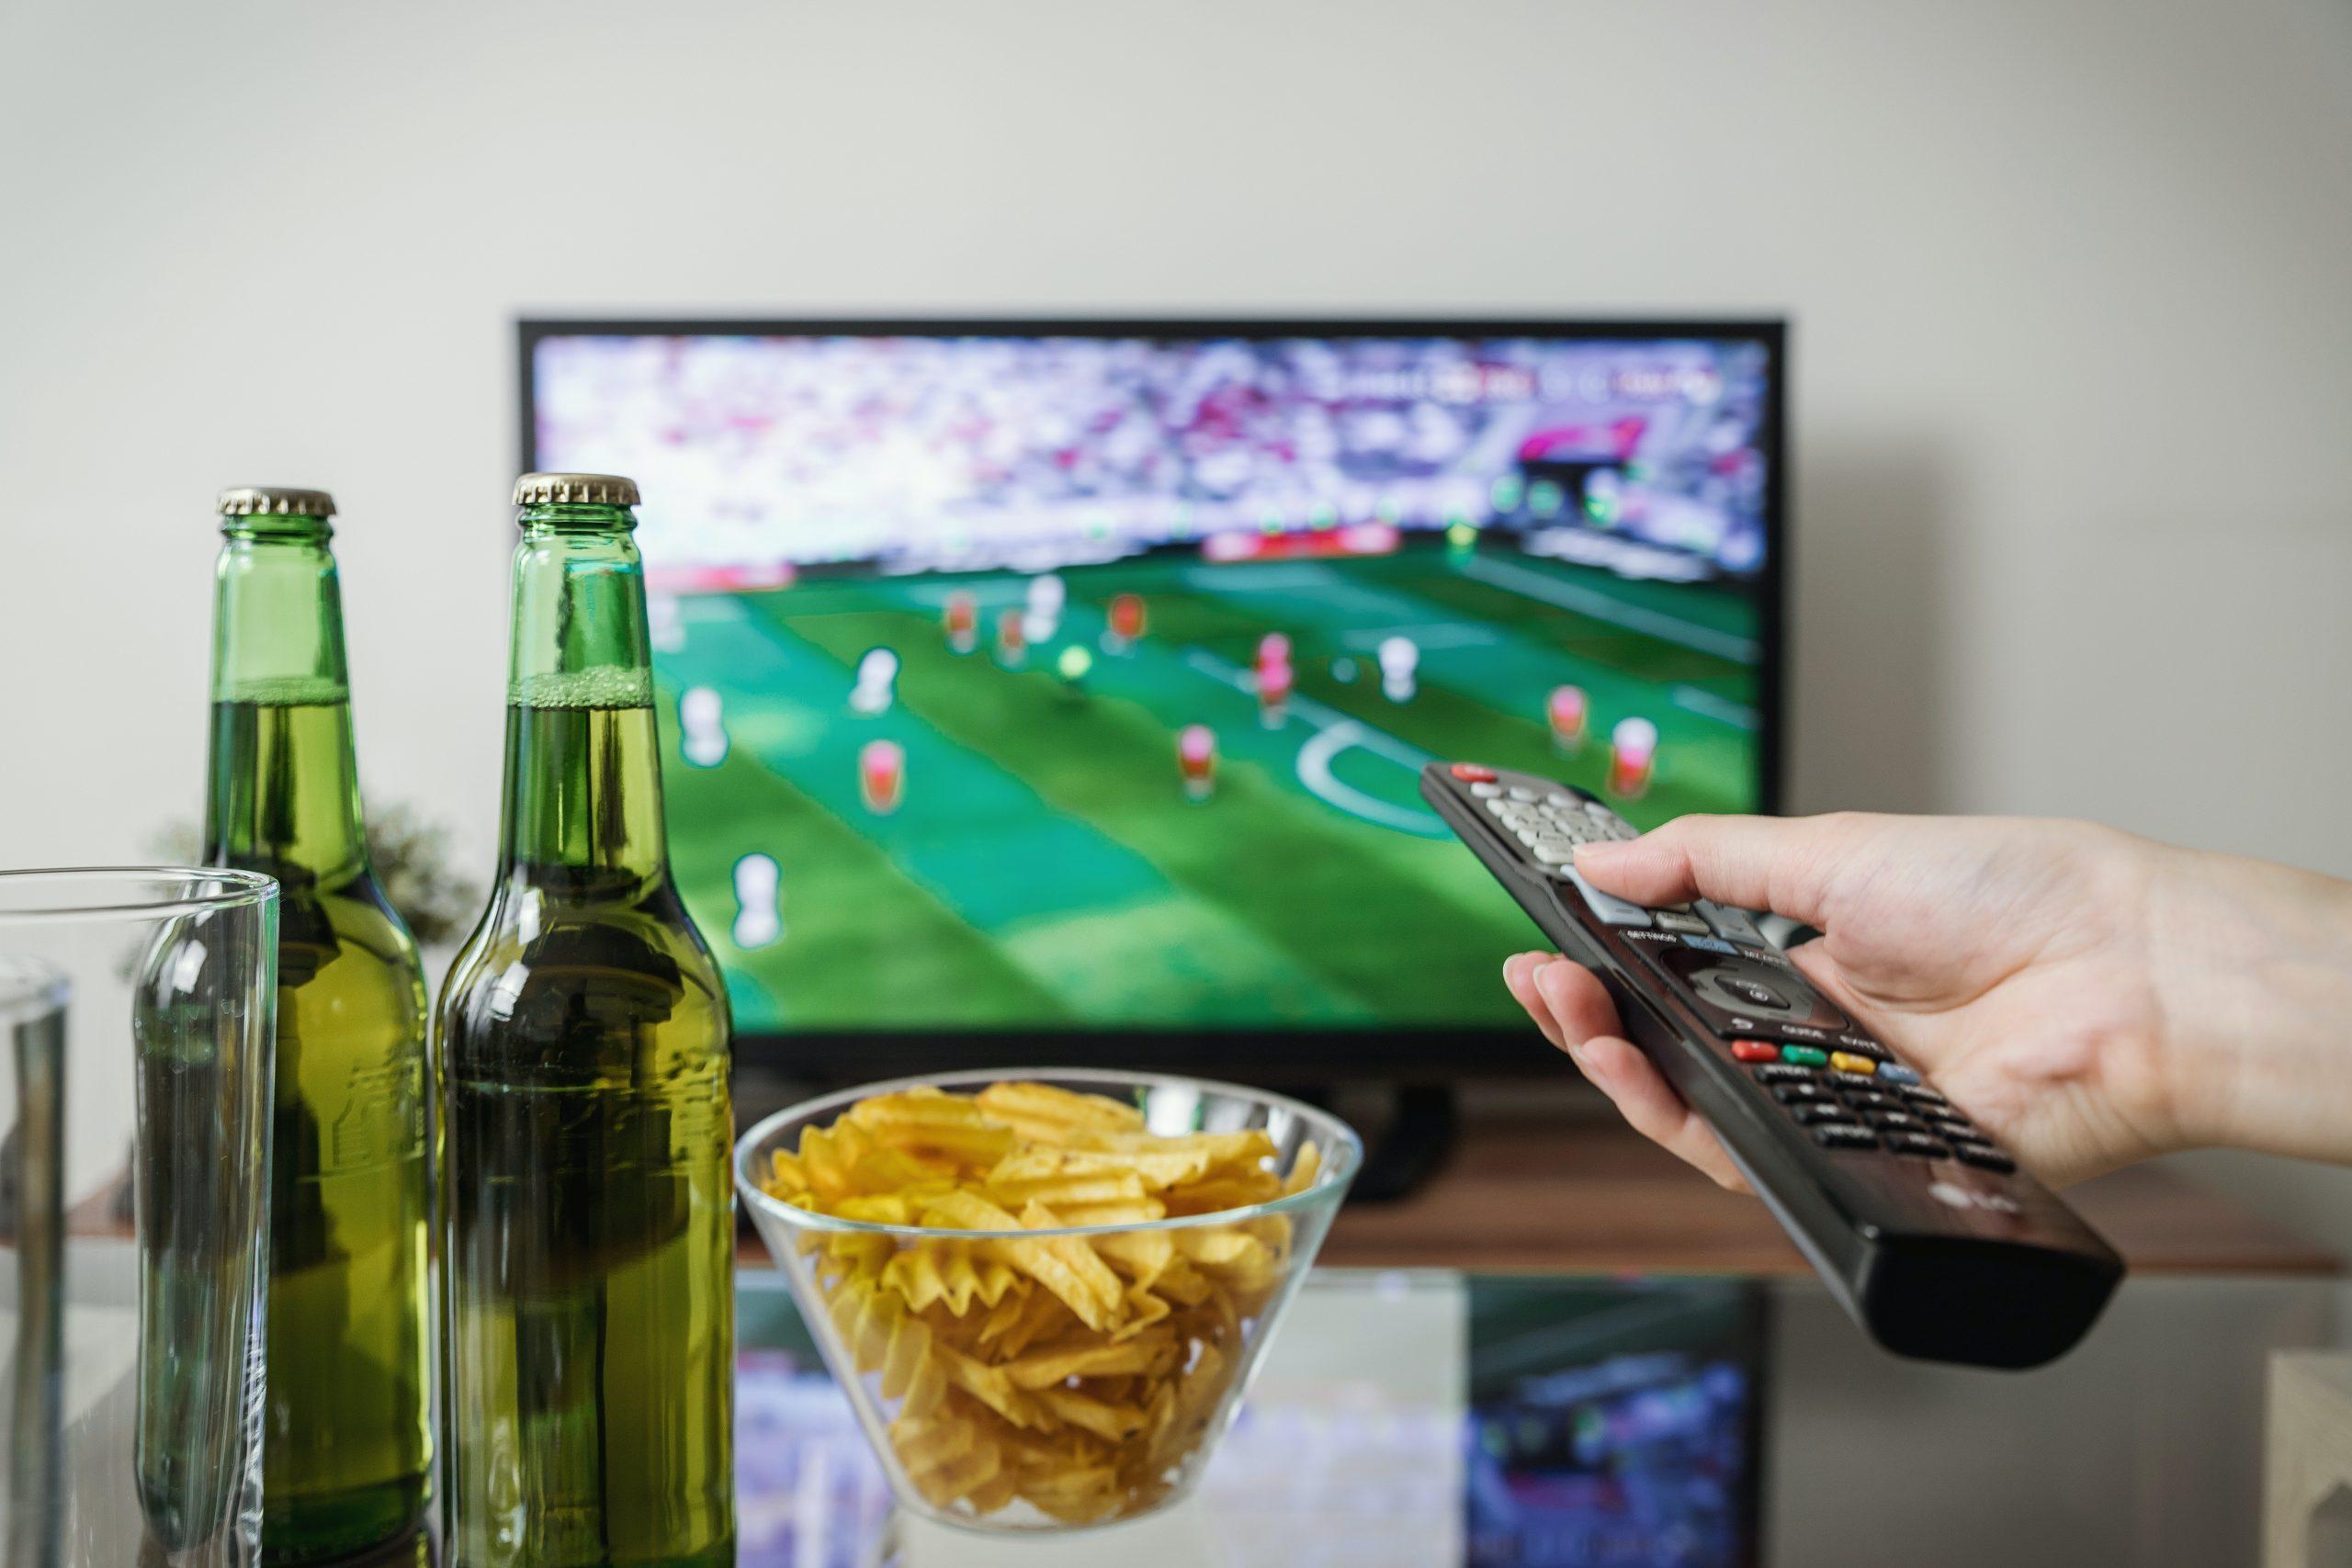 Imagem mostra uma televisão exibindo futebol ao fundo de uma mesa com cervejas e petiscos.